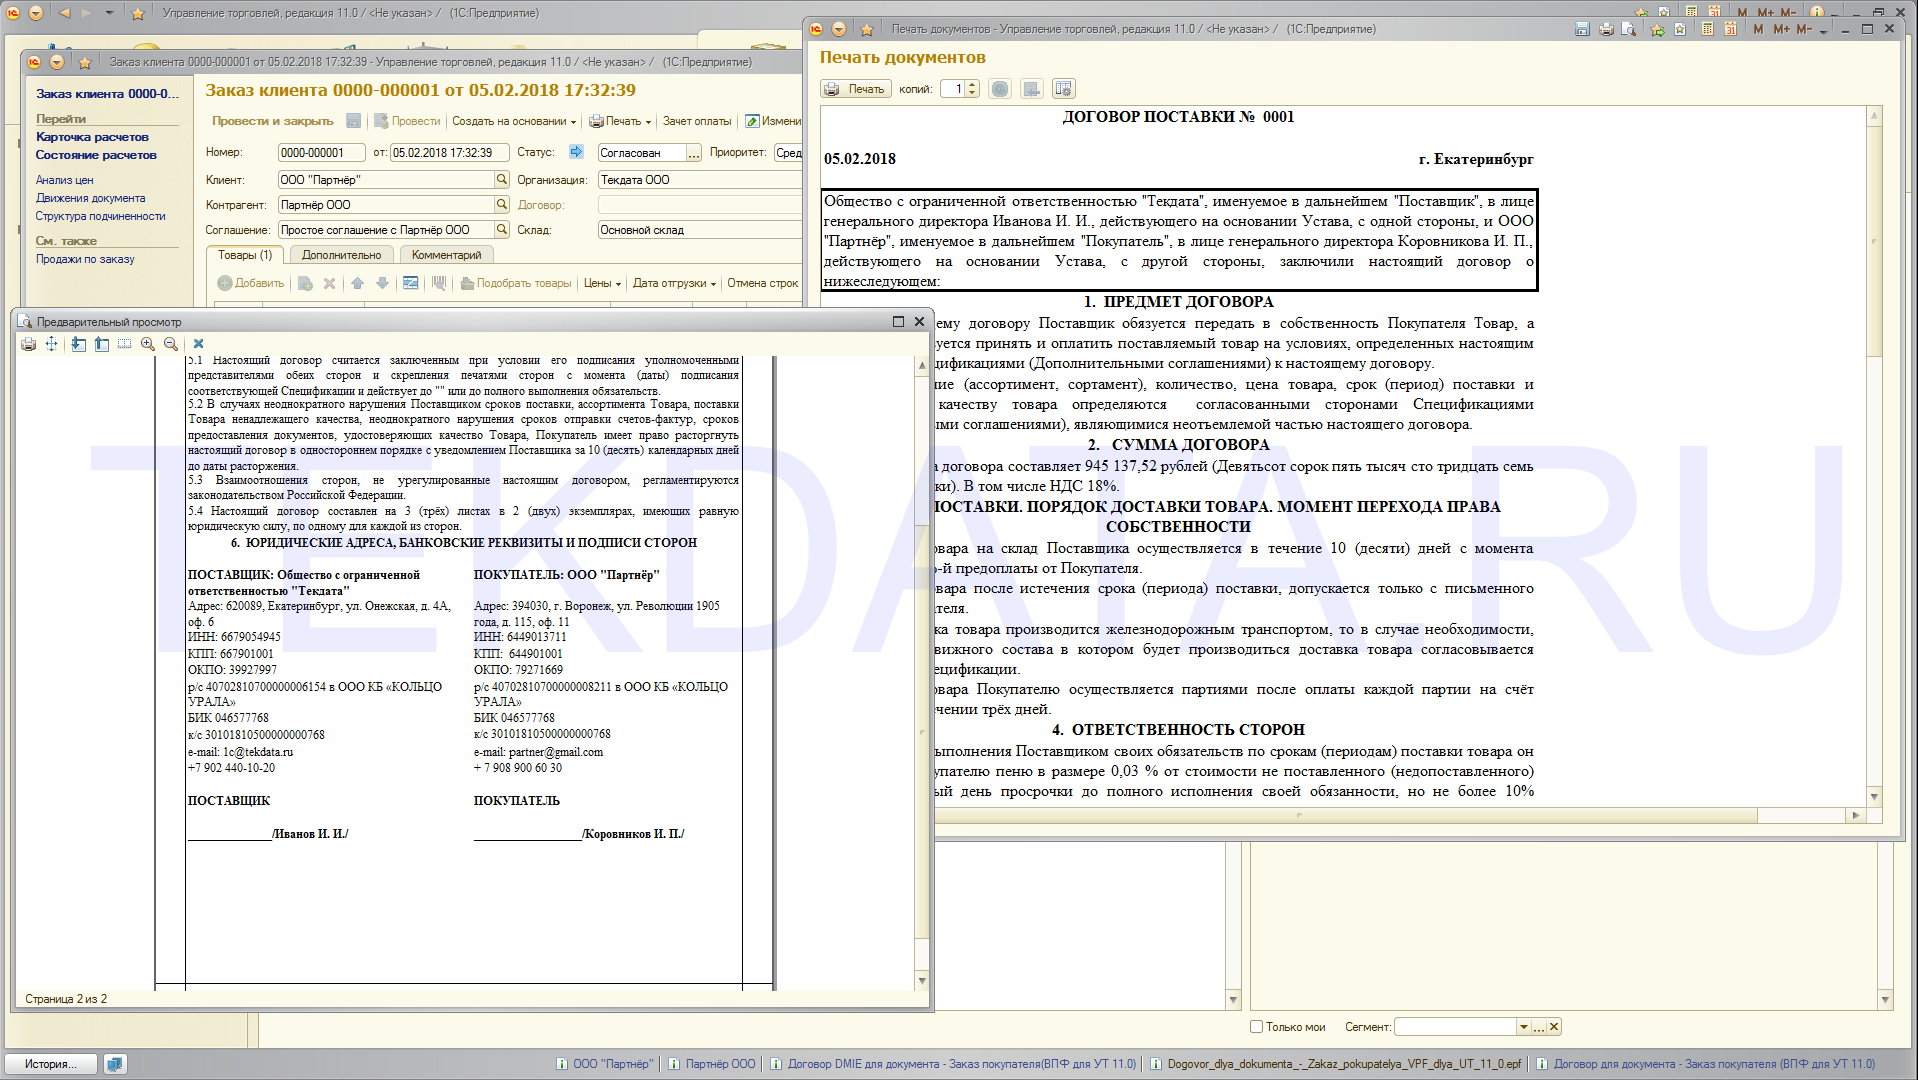 Печатная форма договора для документа «Заказ клиента» в 1С: УТ 11.0